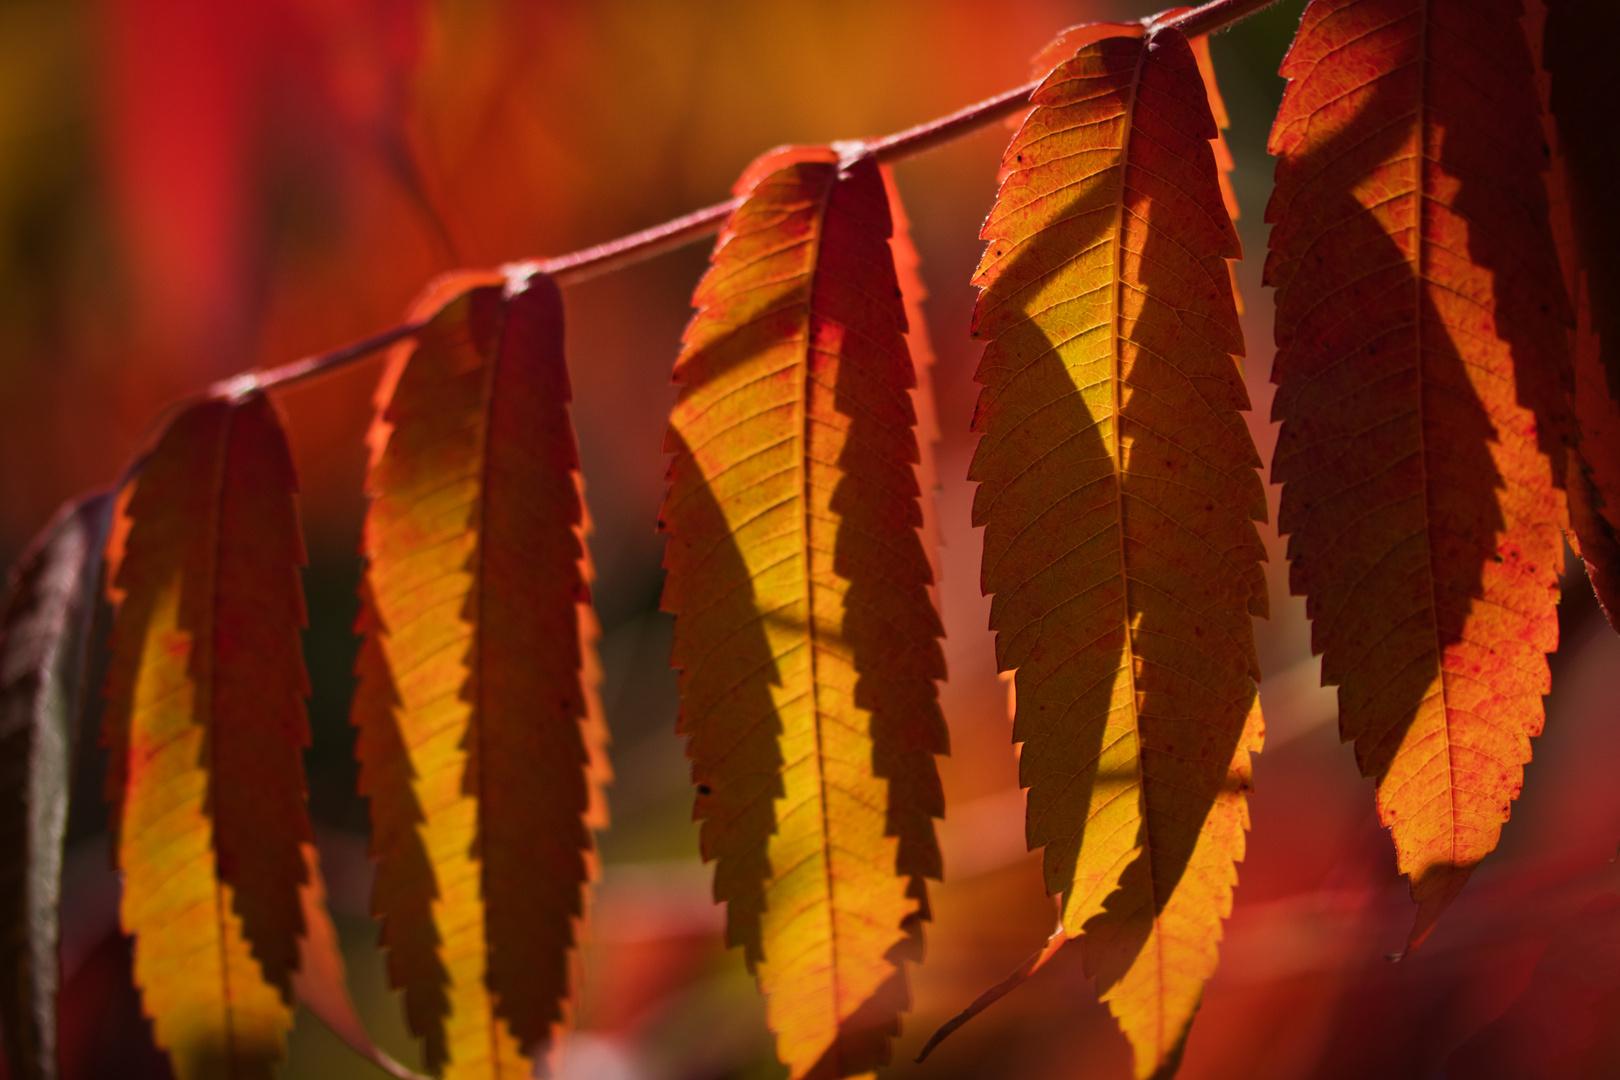 Herbstliches Schattenspiel